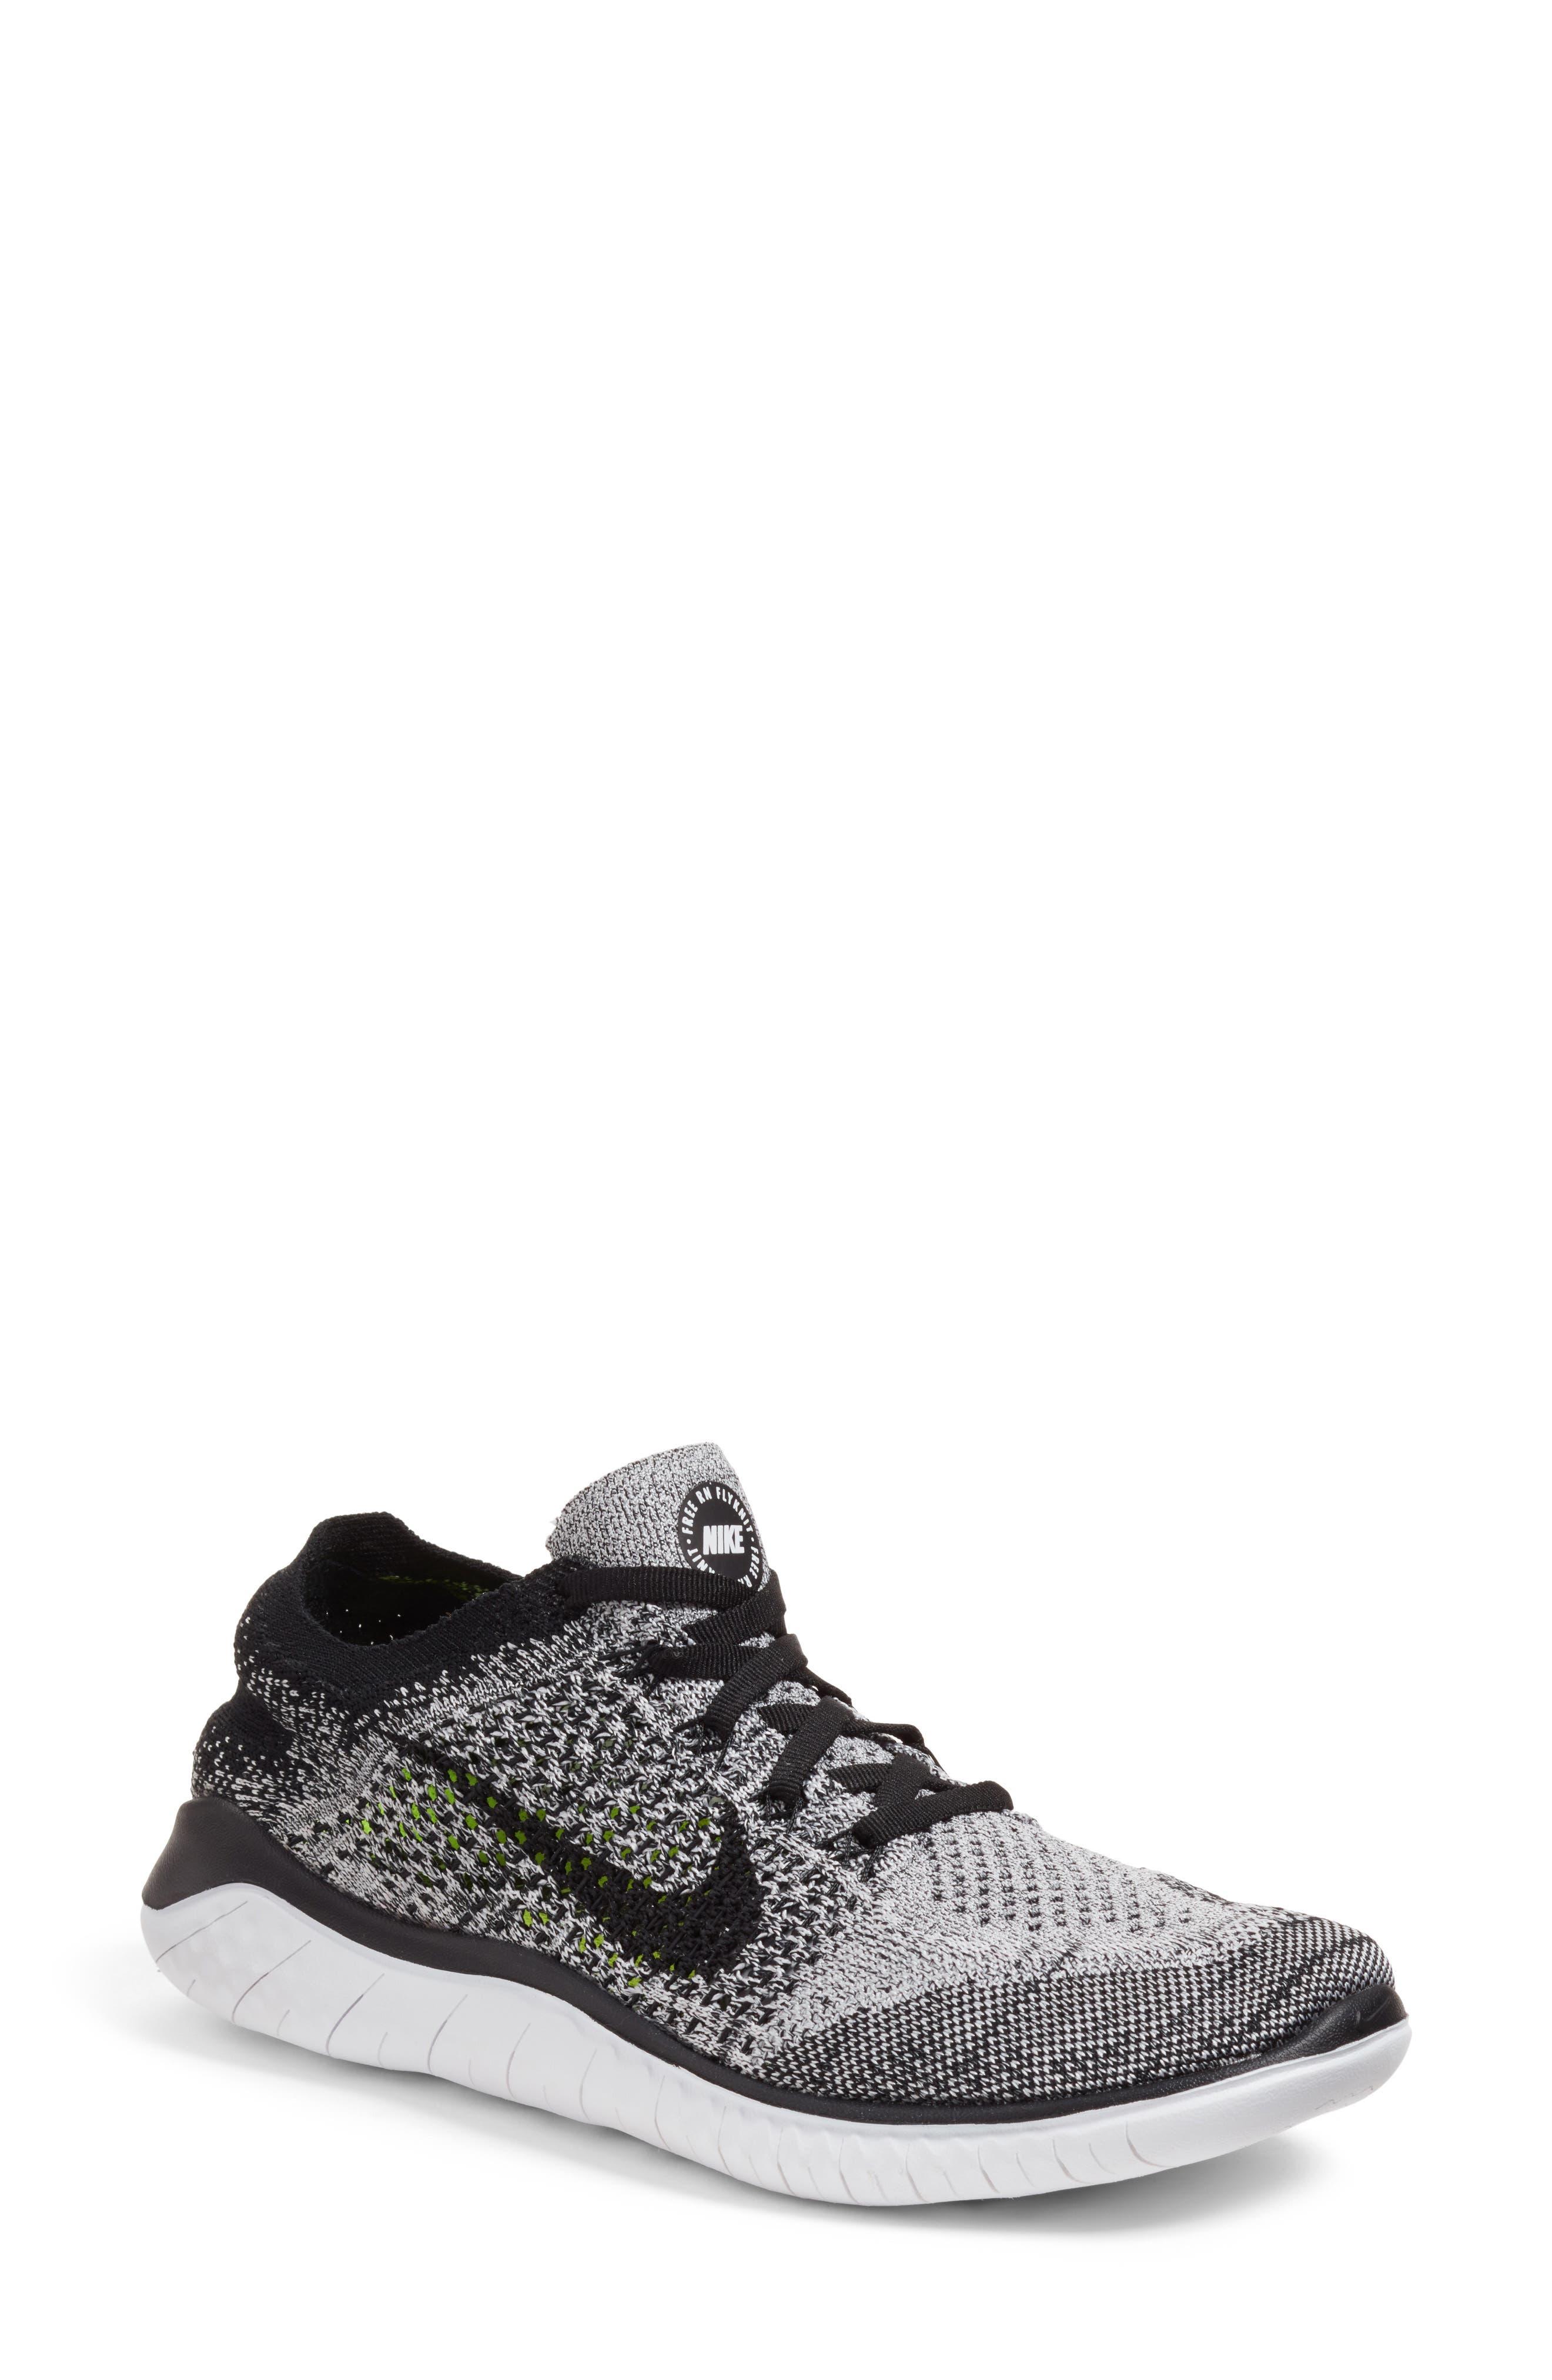 5ac131219 Women s Sneakers on SALE!  80 -  99.99